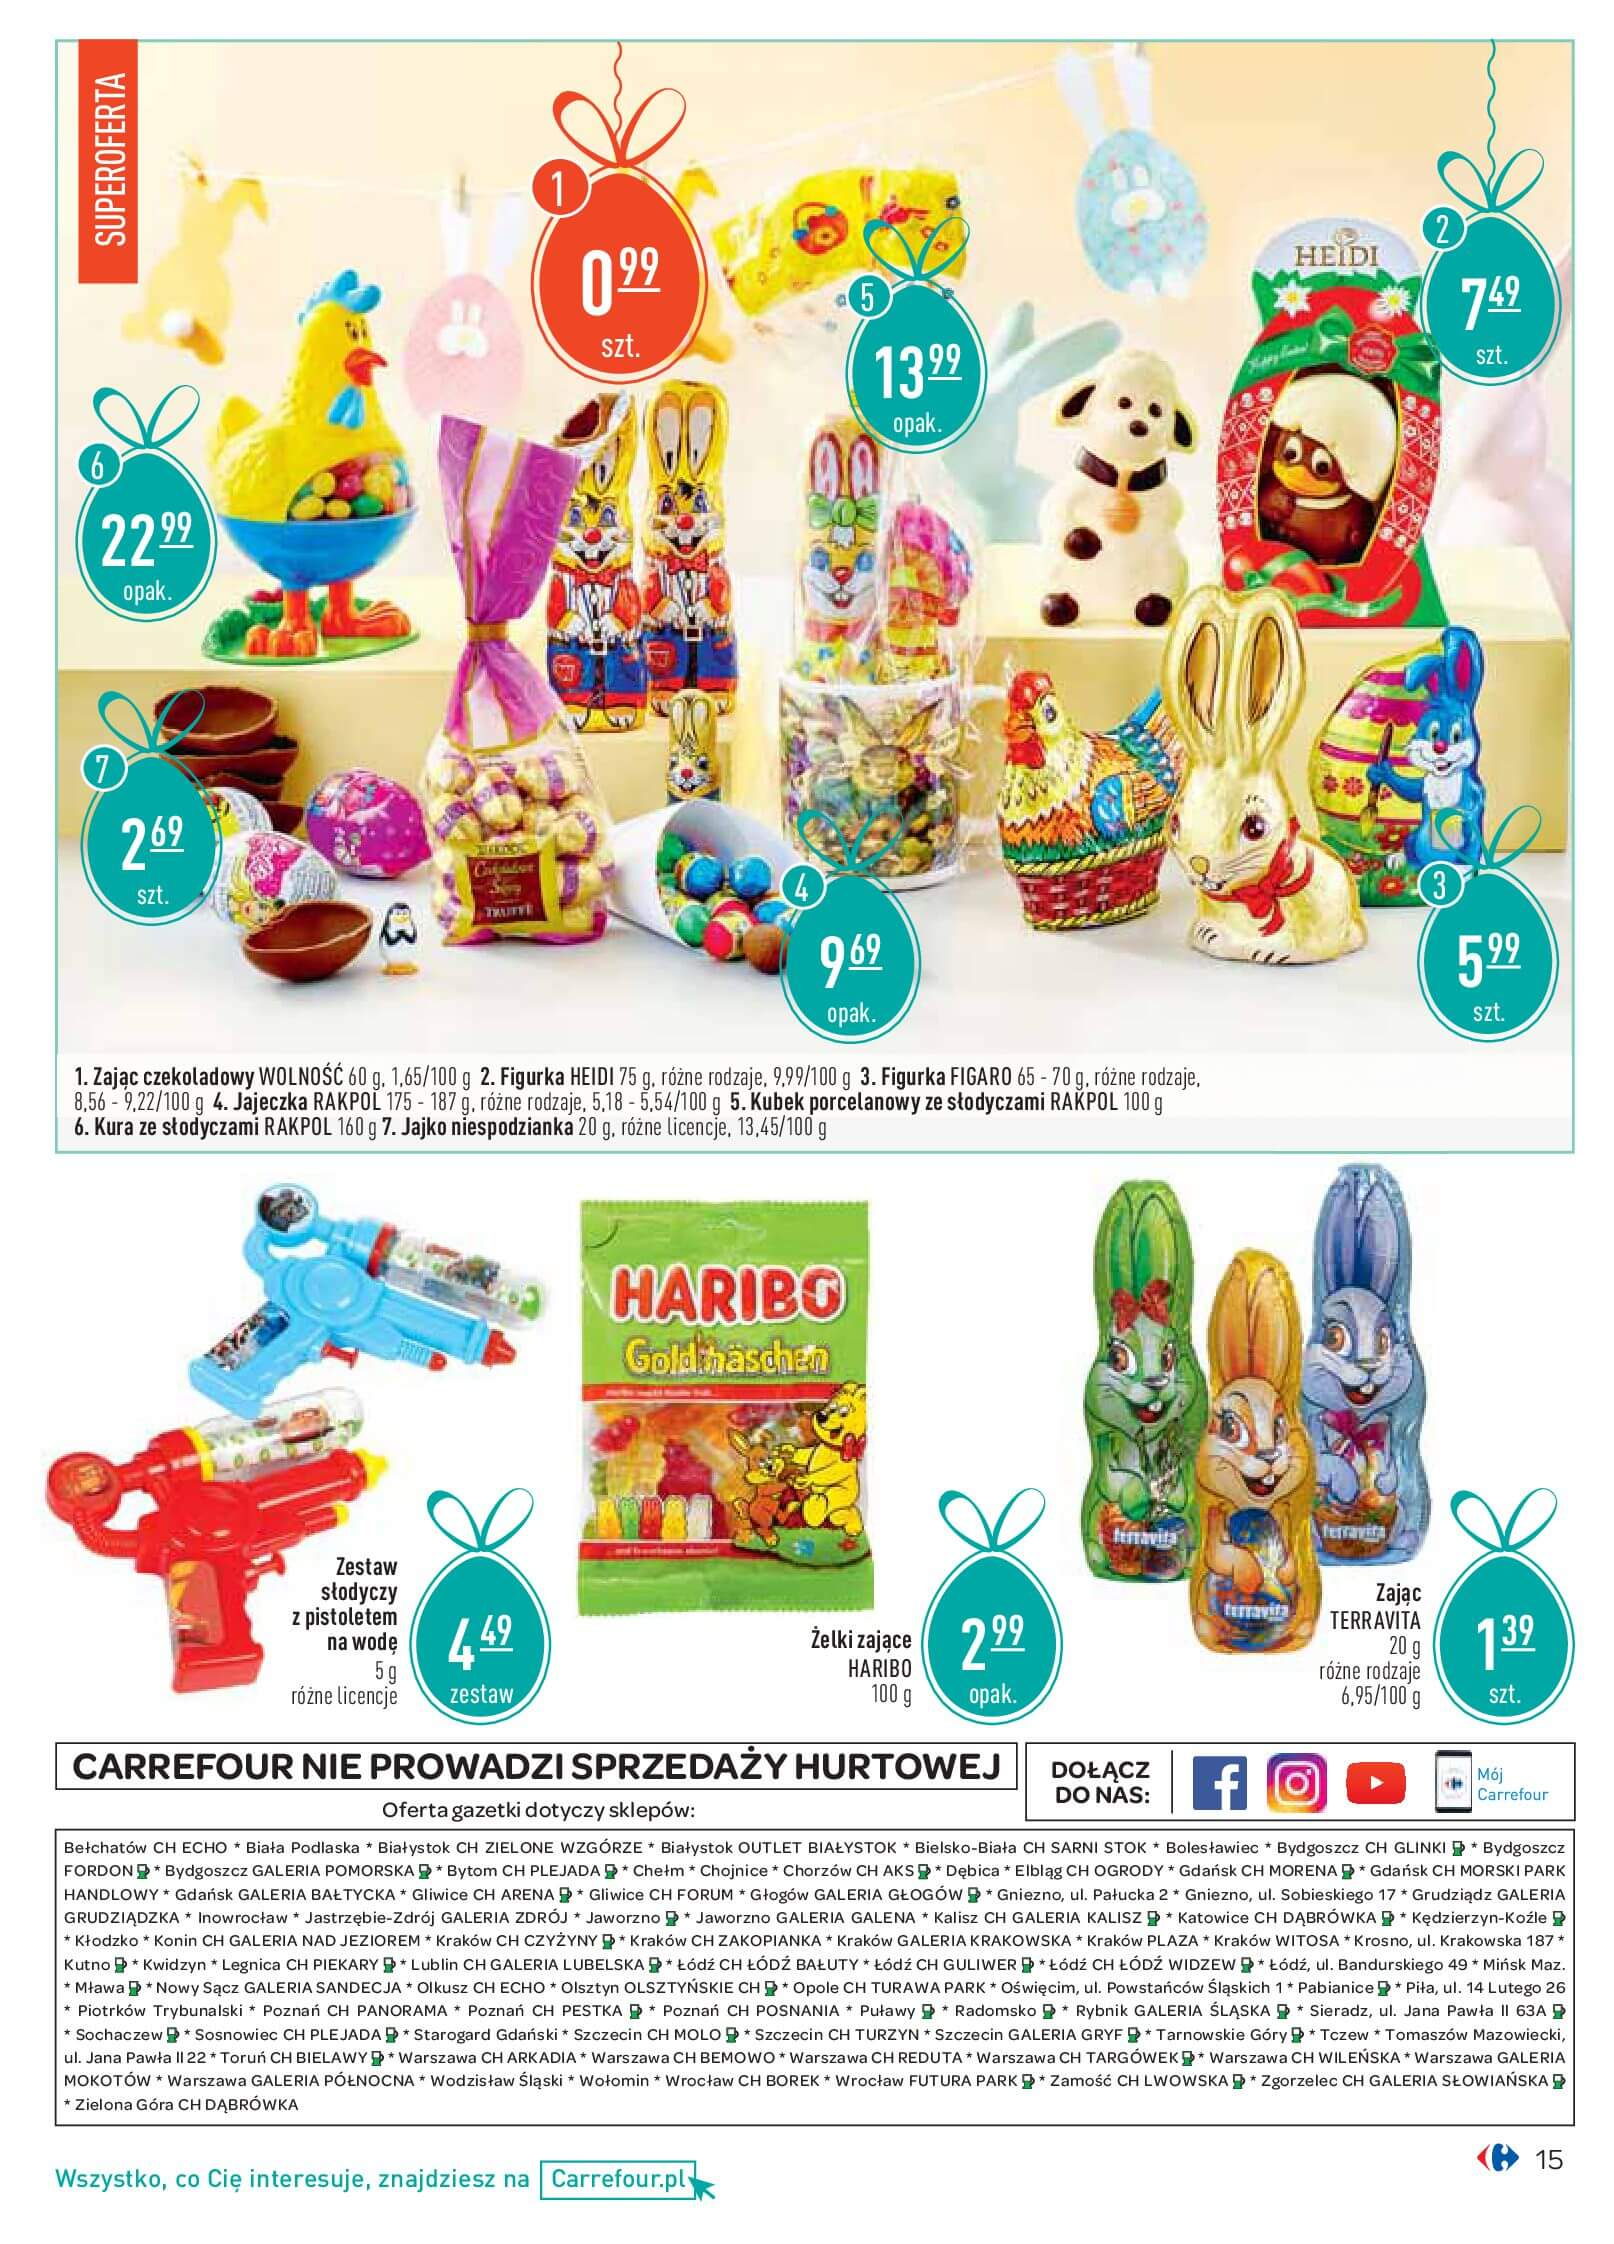 Gazetka Carrefour - Wielkanocne Niespodzianki-12.03.2018-31.03.2018-page-